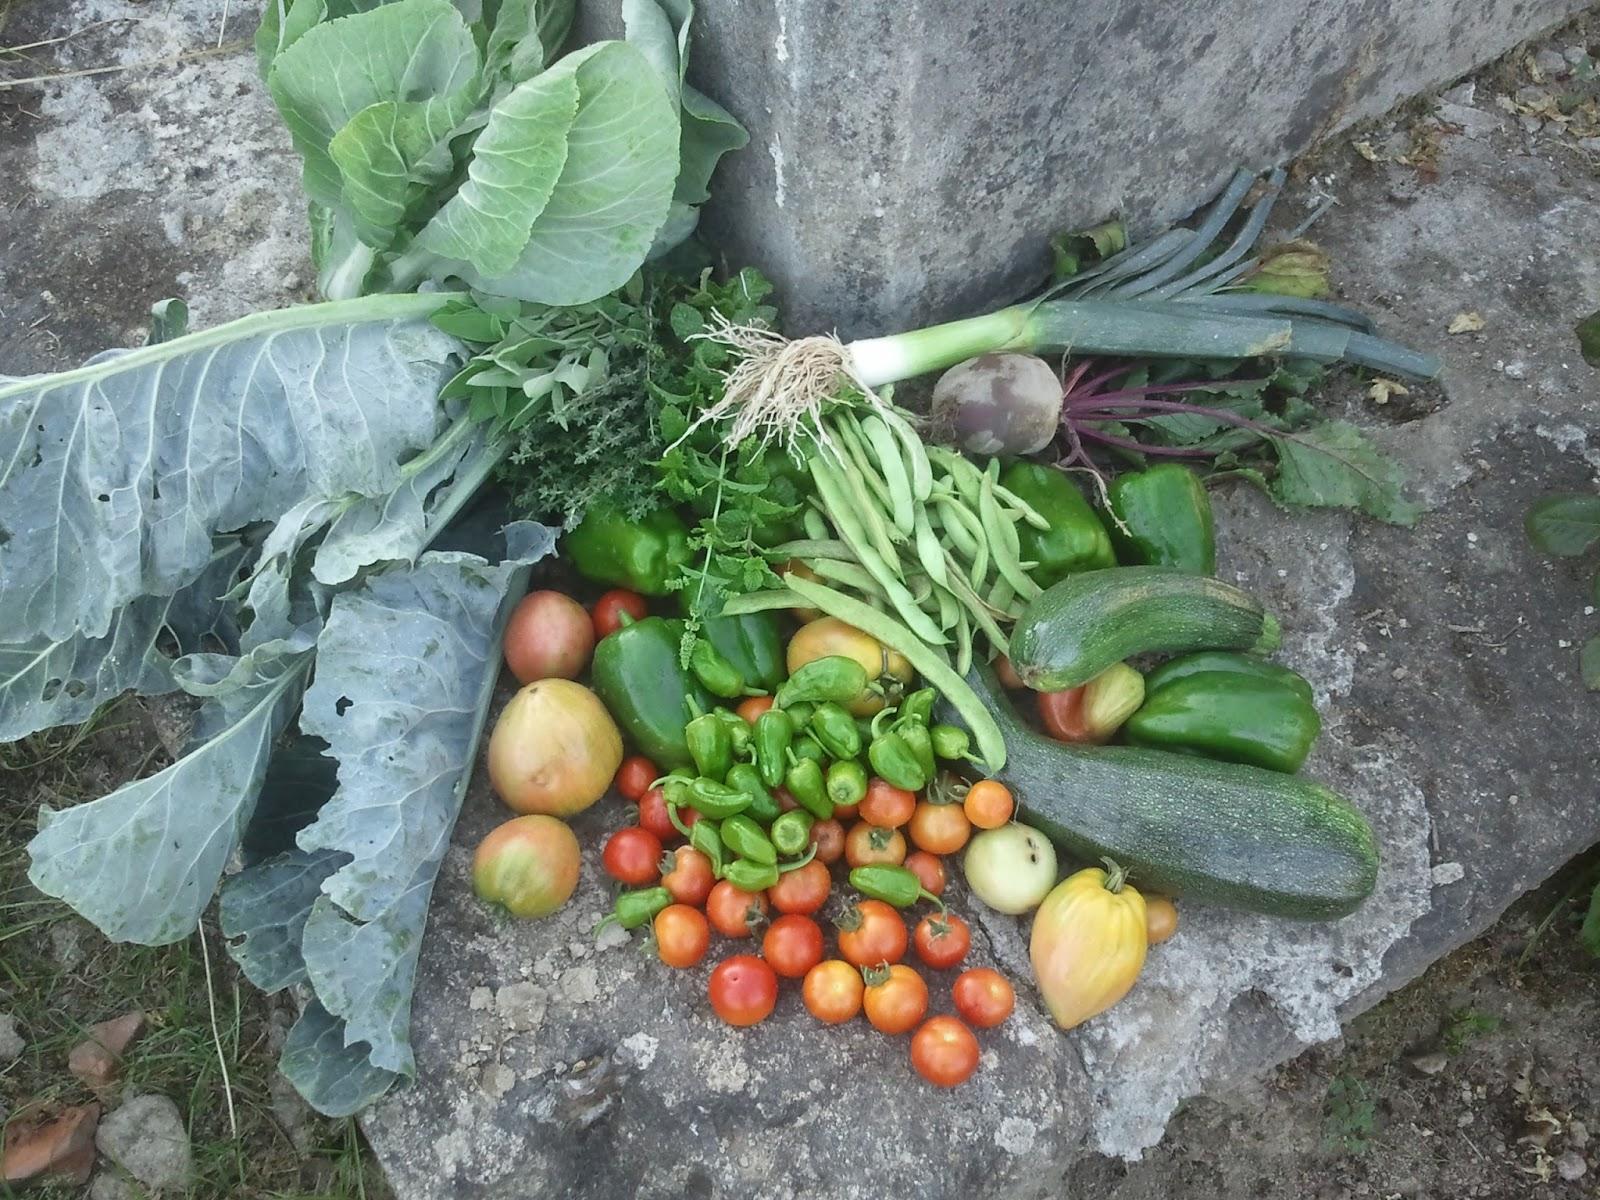 agosto colheita